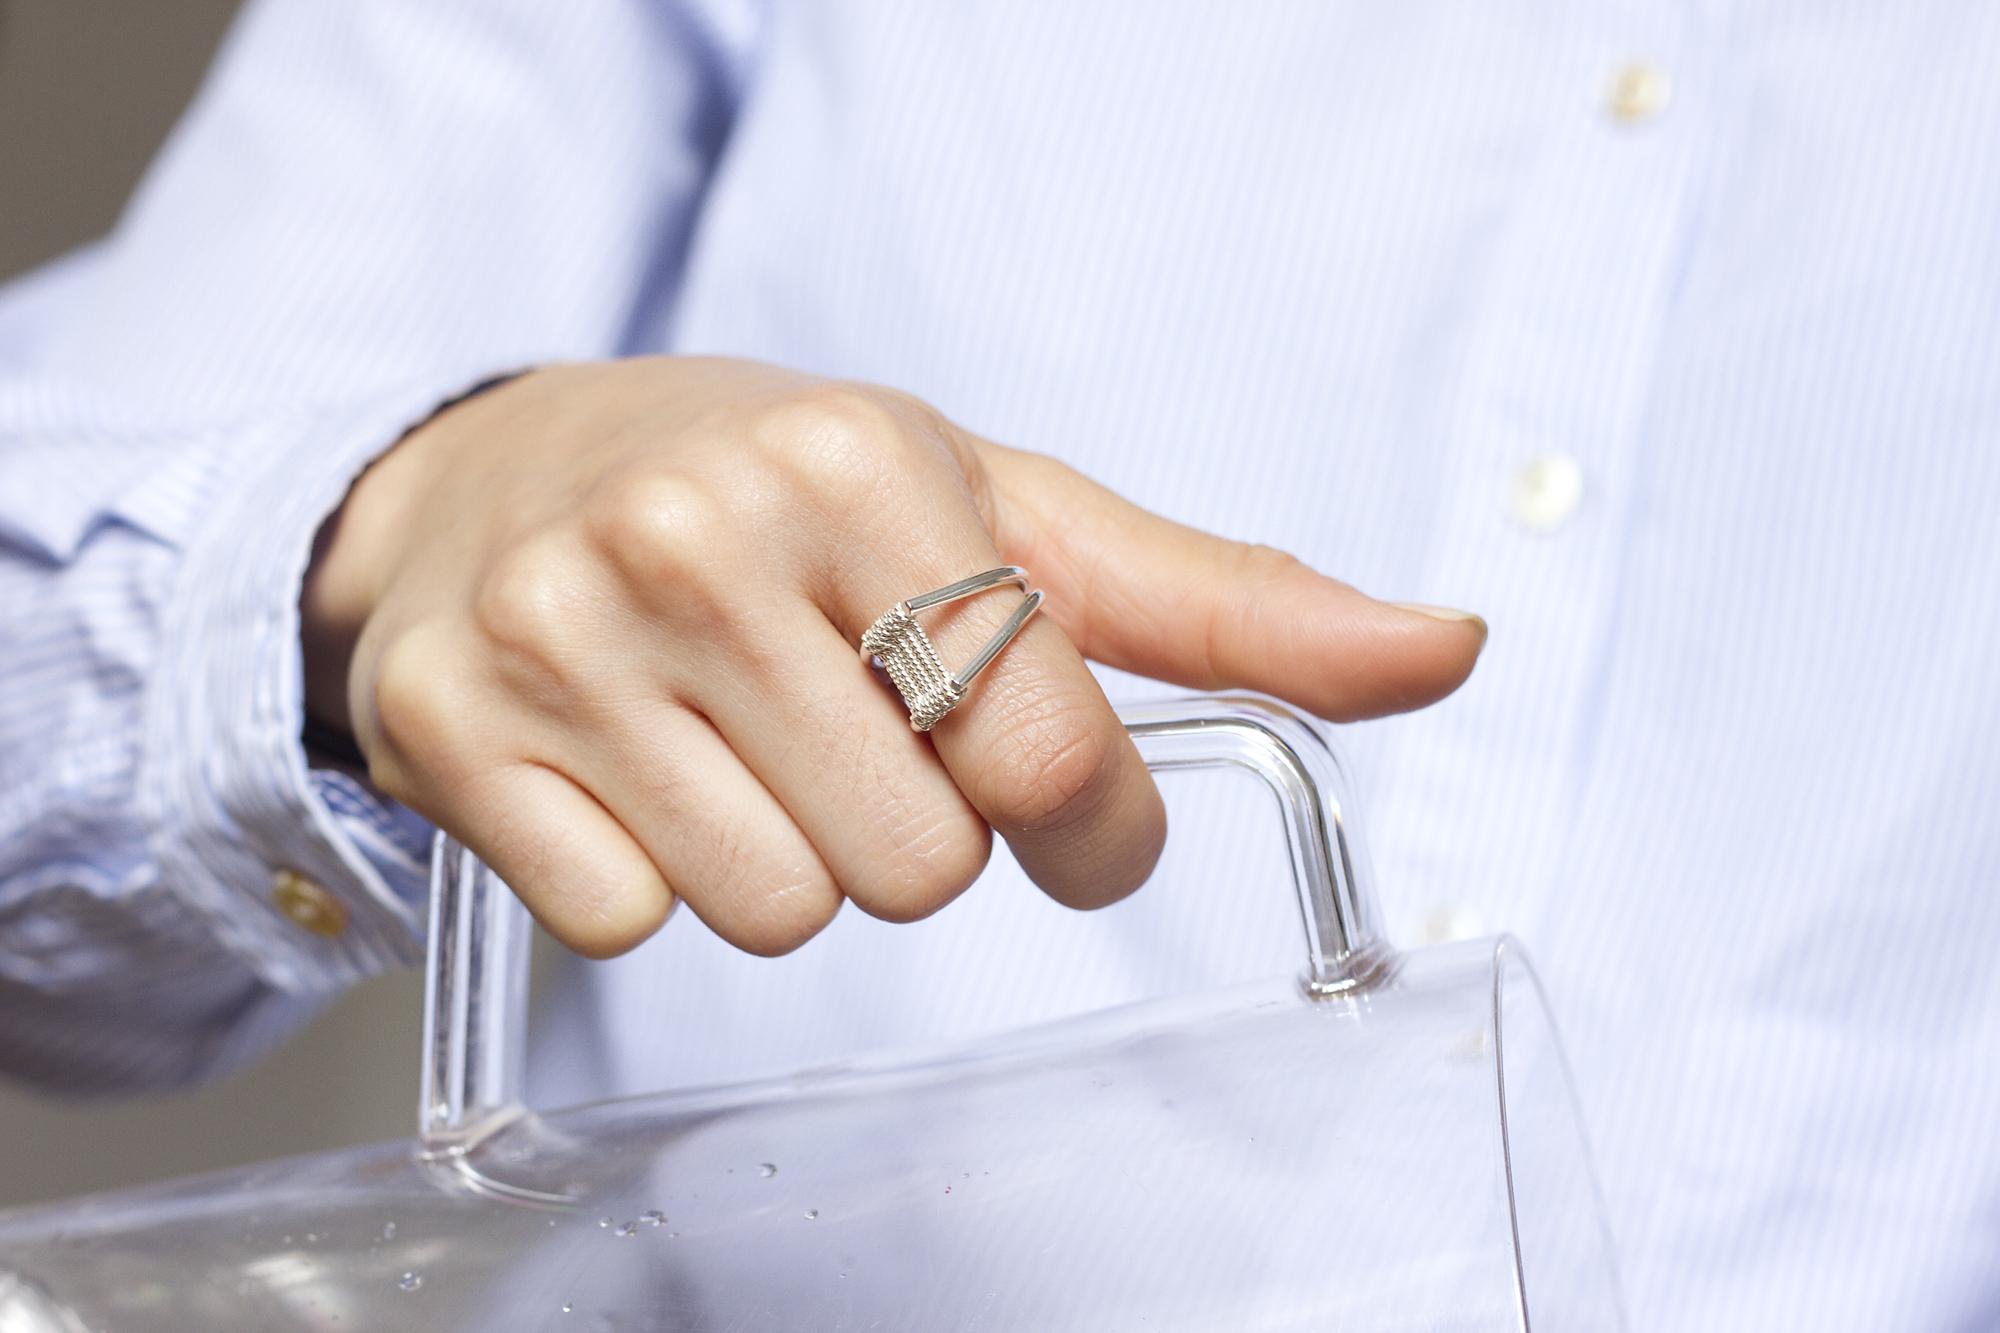 INCLINE ring  in silver Photography -Katariina Yli-Malmi Model - Chiara Biscontin MUA - Shelley Yadav